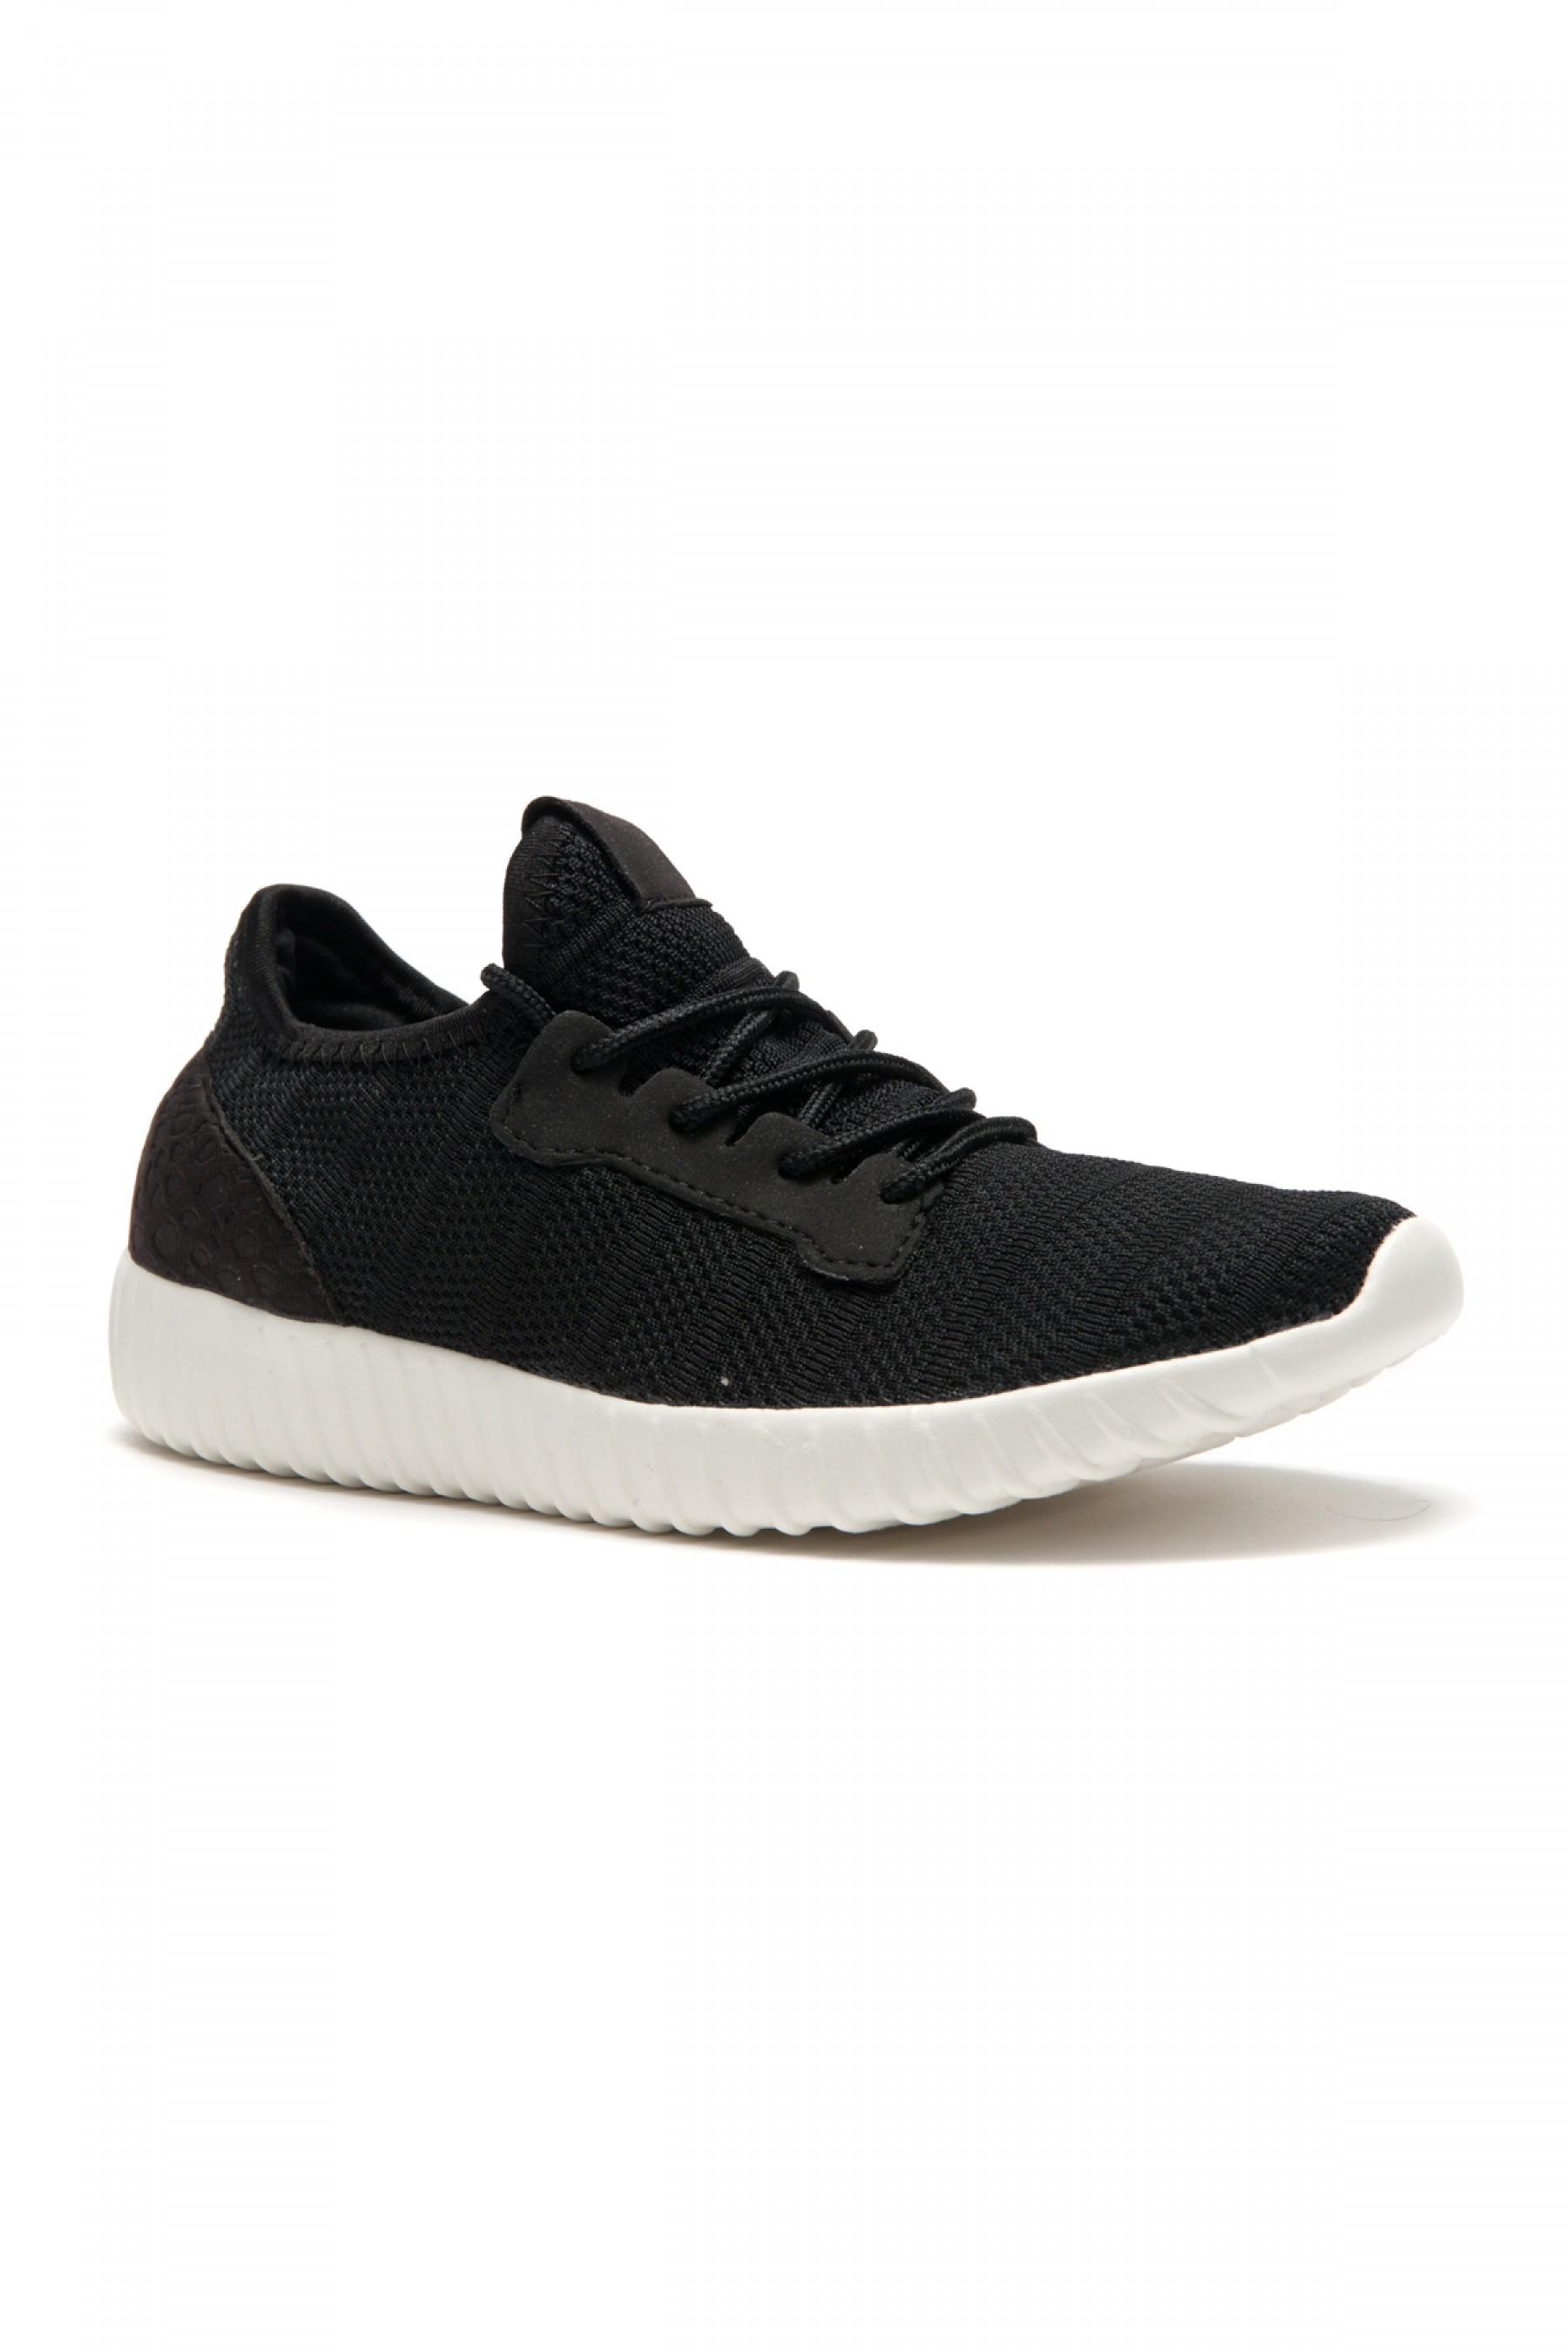 HerStyle Women's Manmade Mirinia Spec Flyknit Contrast Sneakers -Black